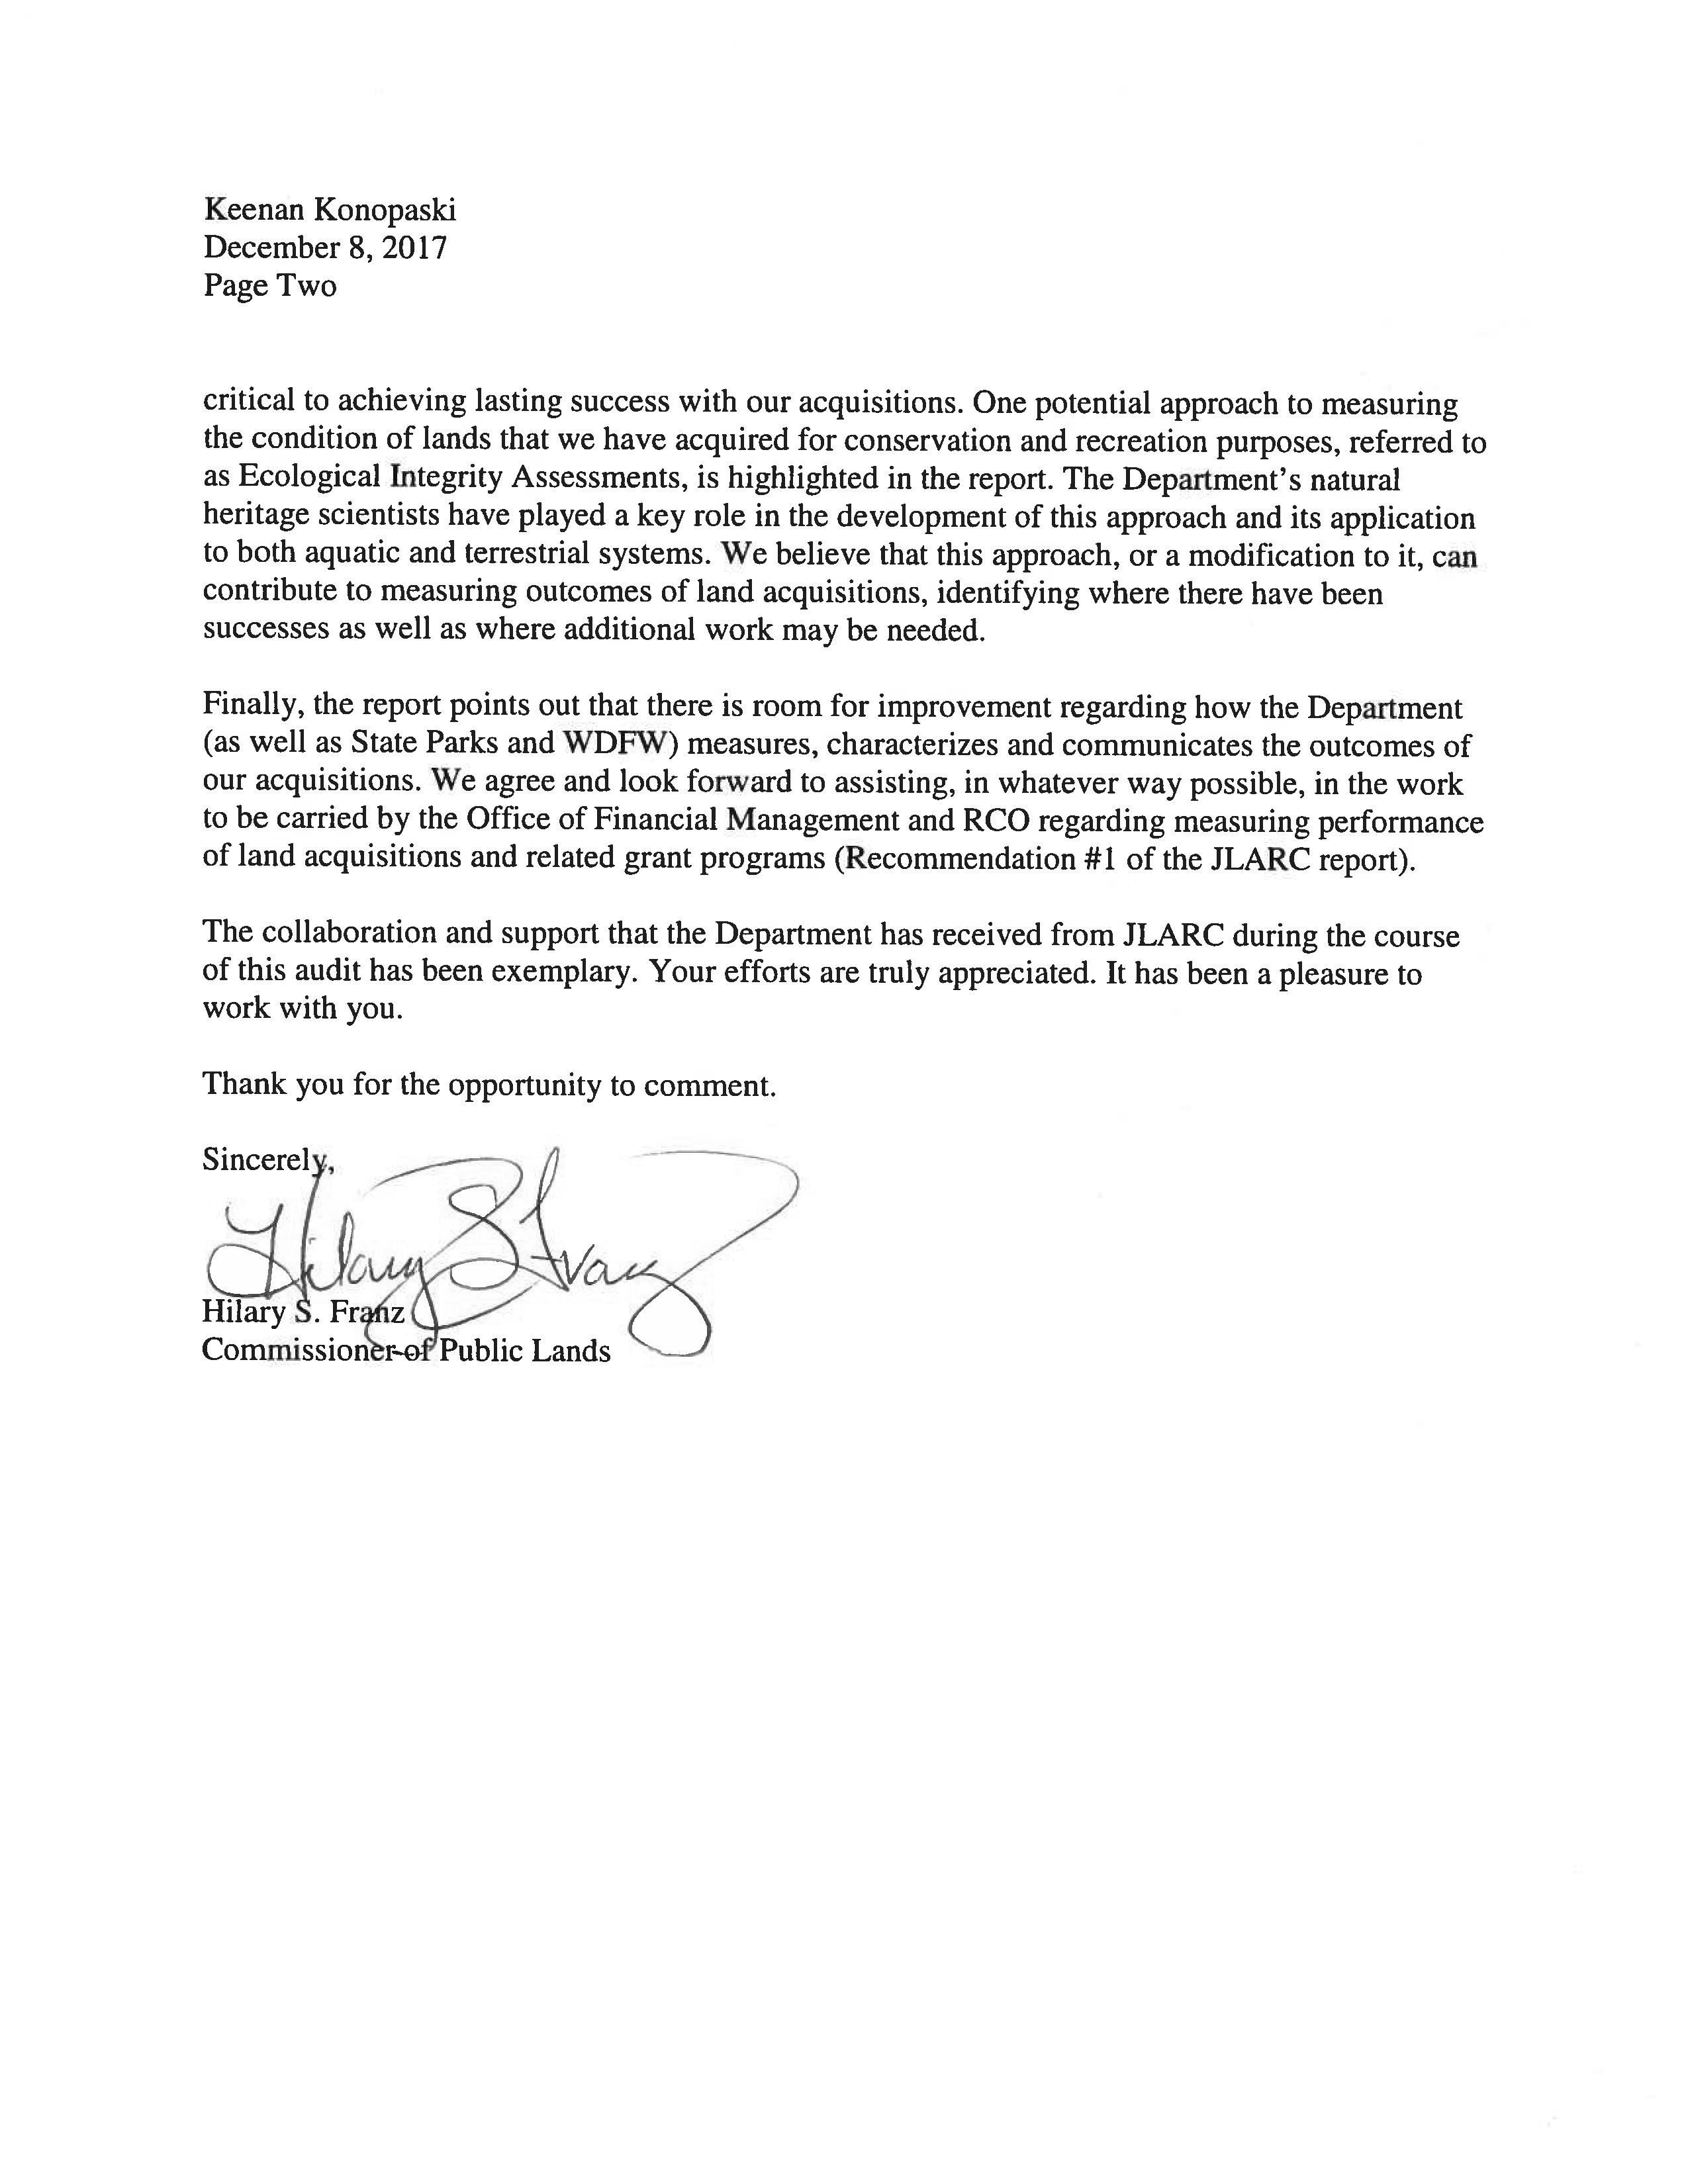 DNR-response-1.png